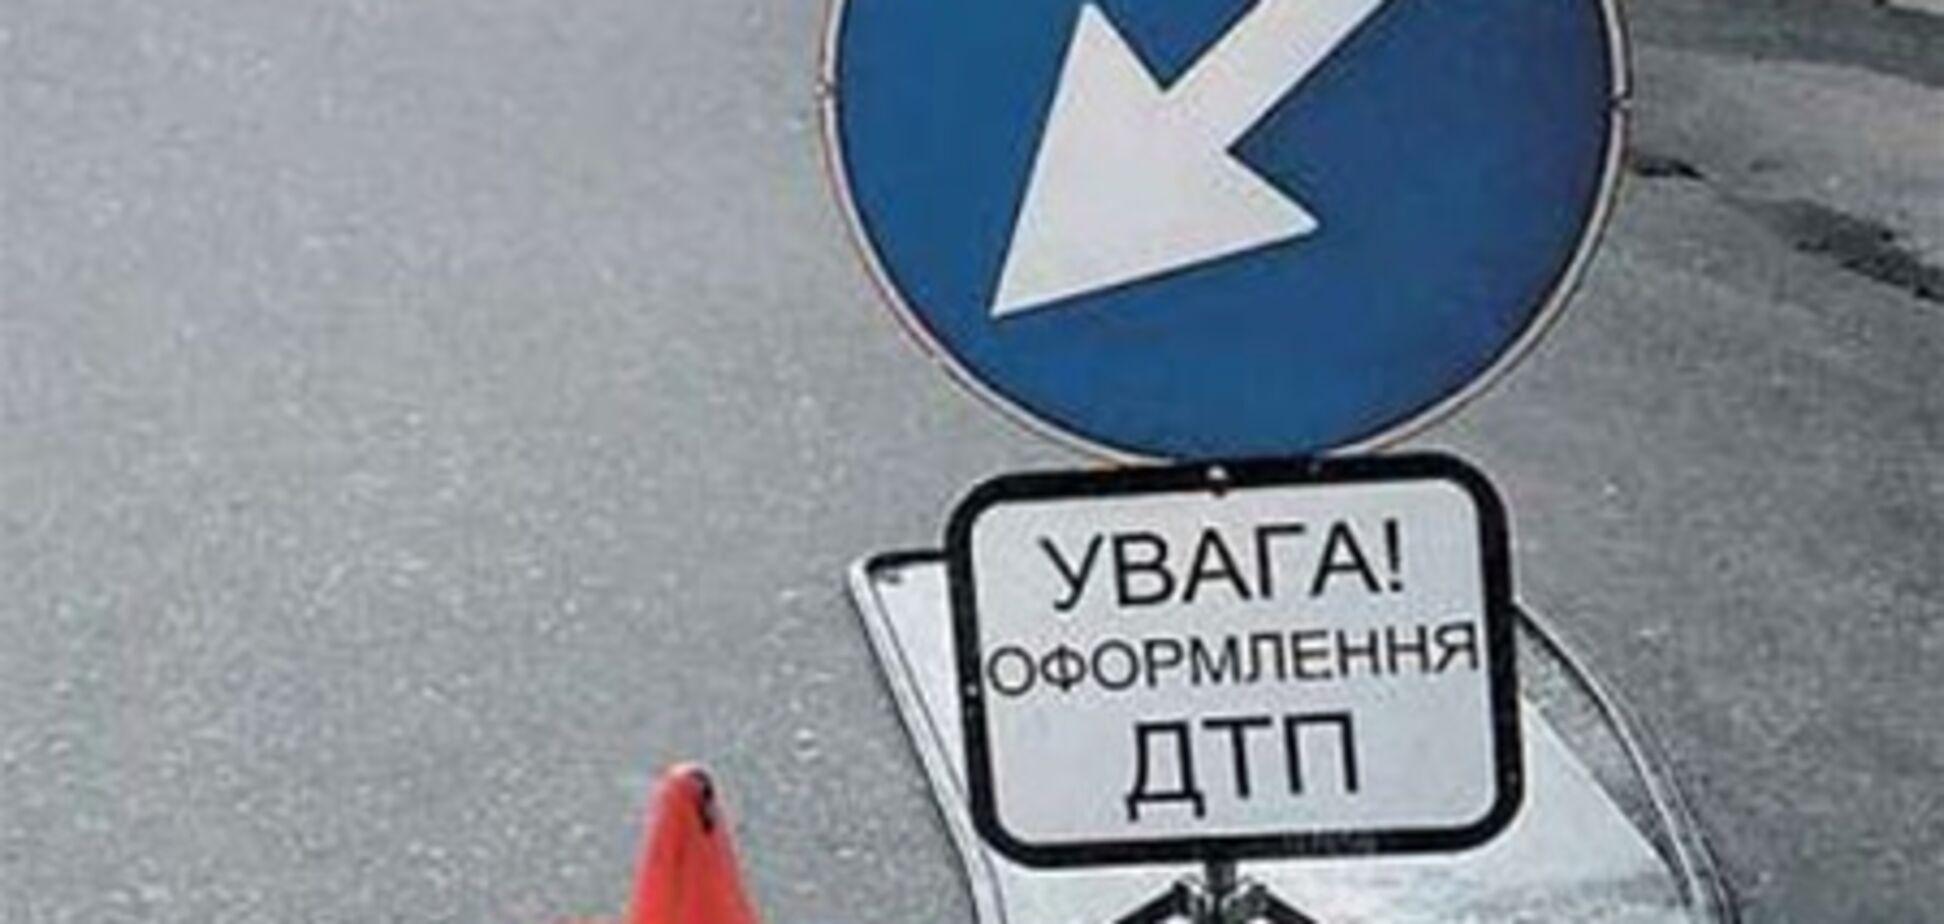 П'яний депутат Яценюка на смерть збив жінку